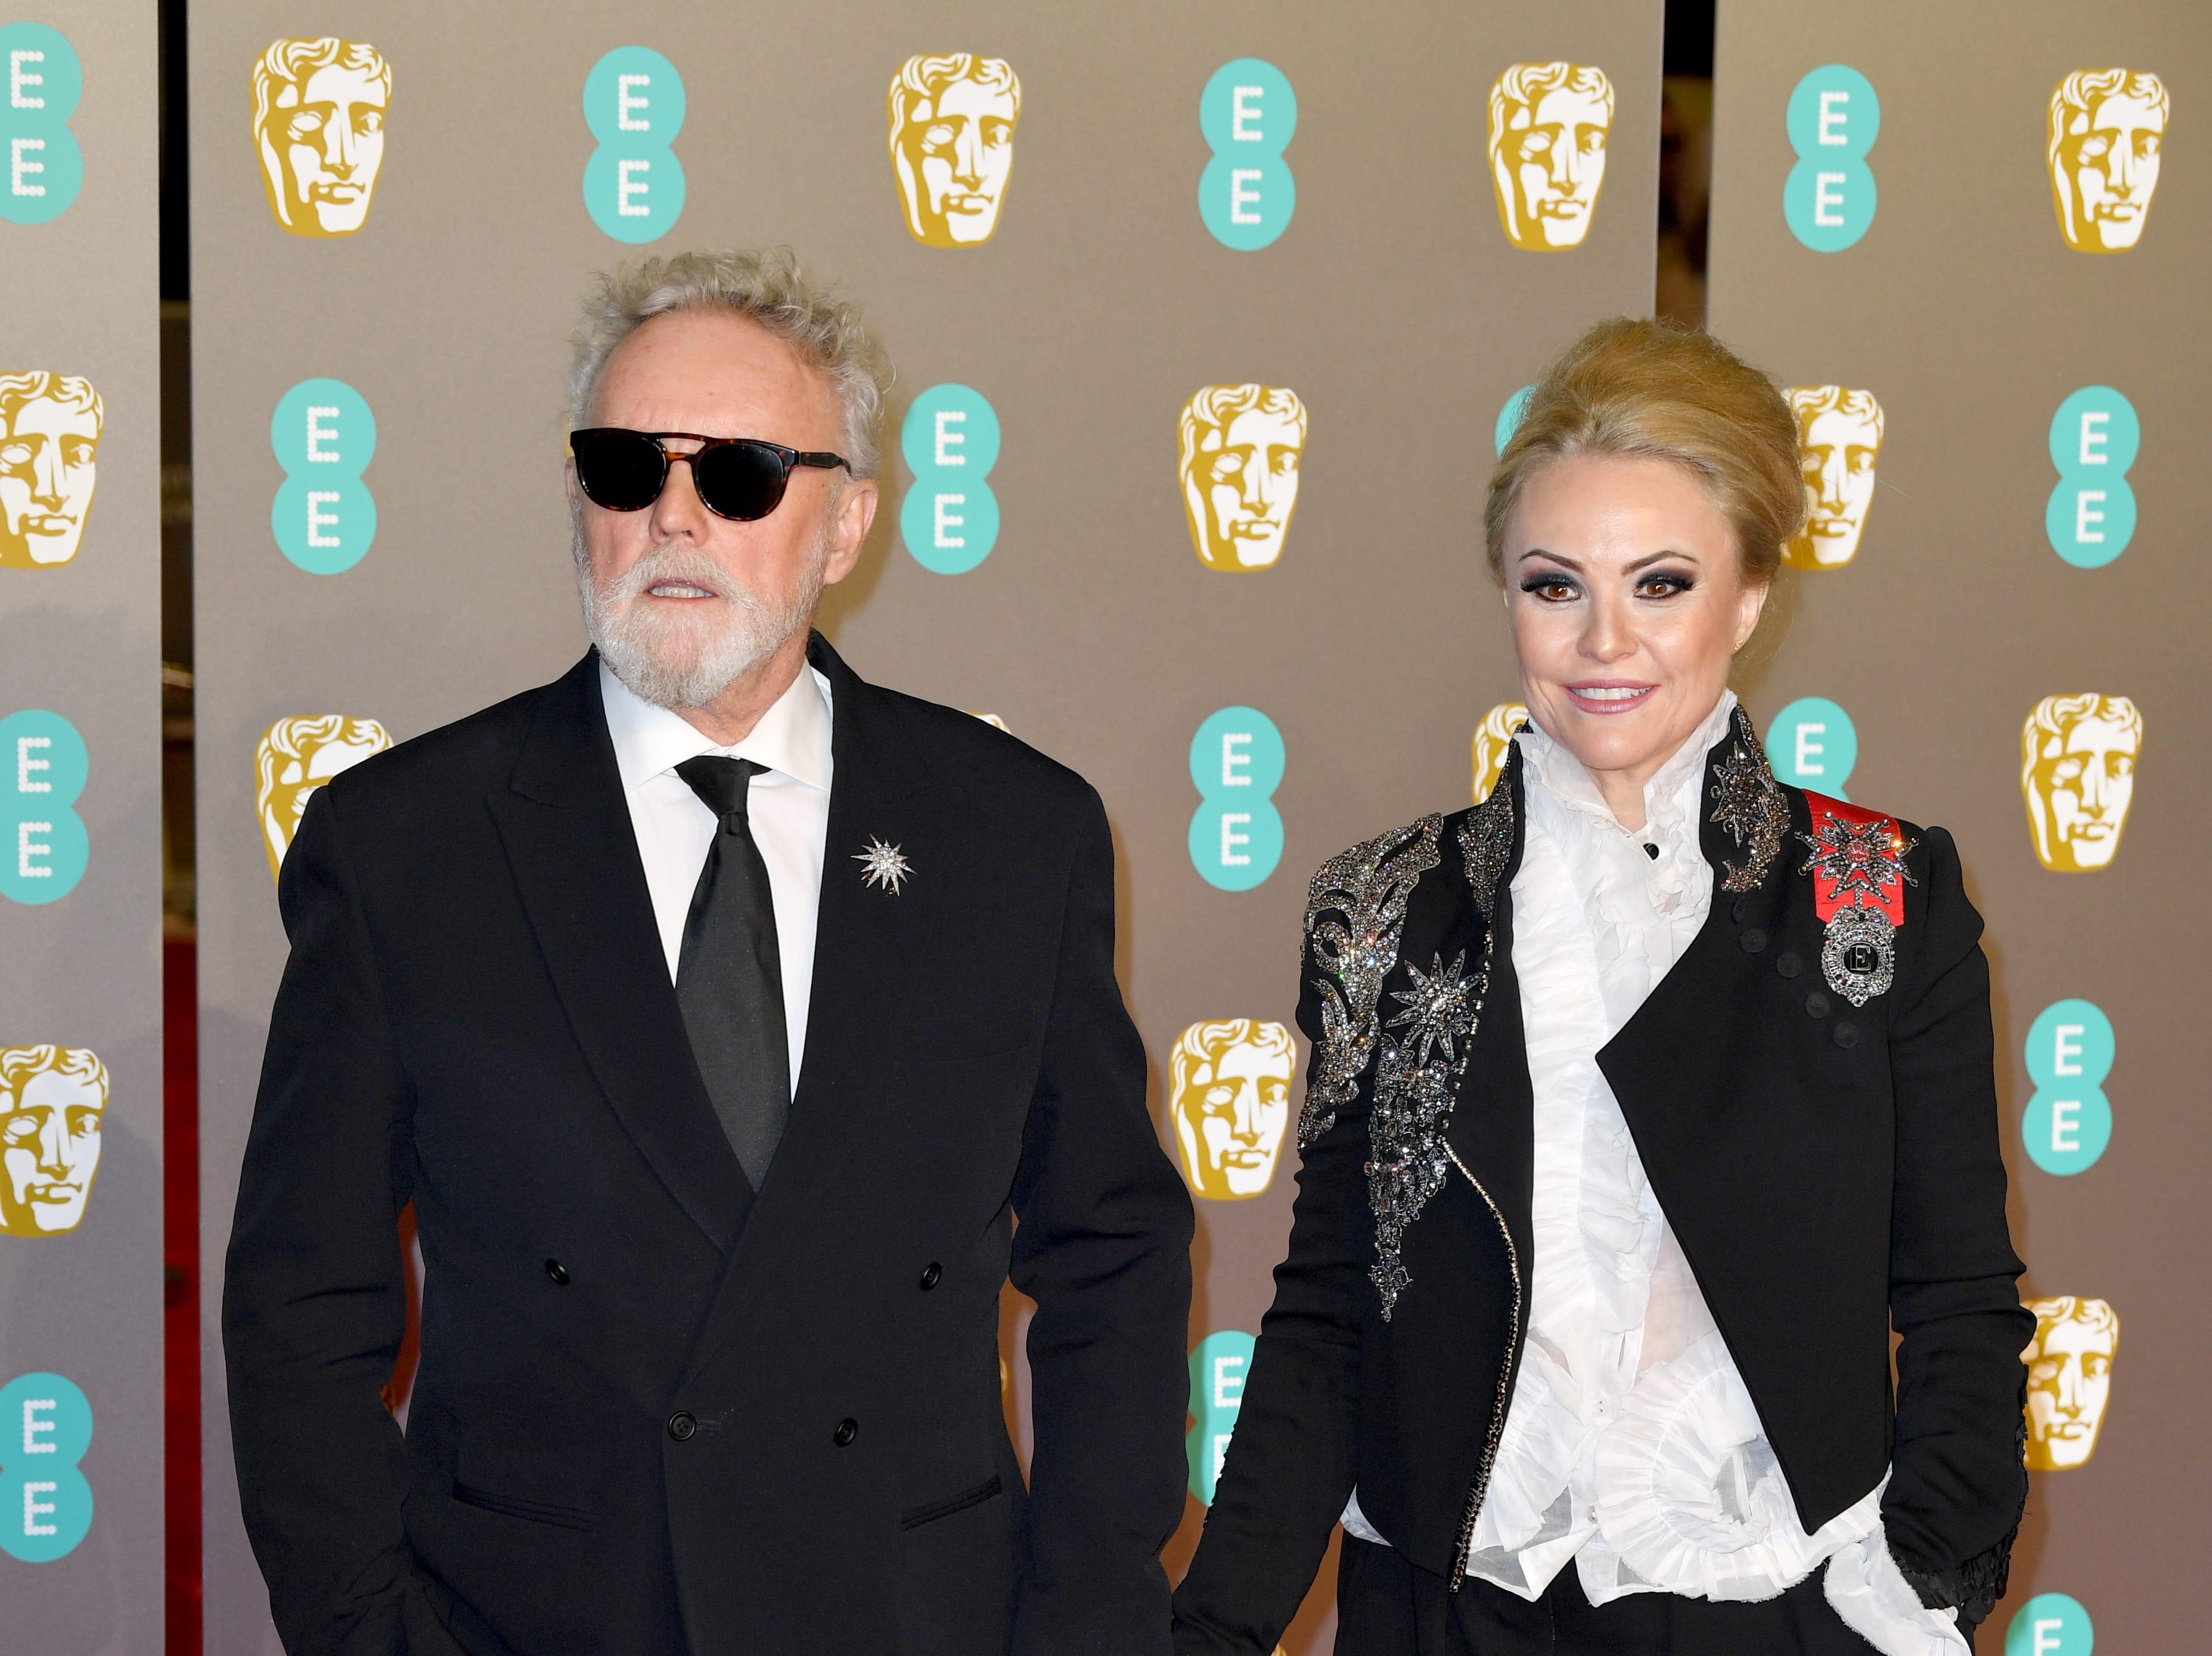 Roger Taylor (izq) y Sarina Potgieter a su llegada a la alfombra roja de los Premios de la Academia Británica de Cine BAFTA en el Royal Albert Hall en Londres el 10 de febrero de 2019.